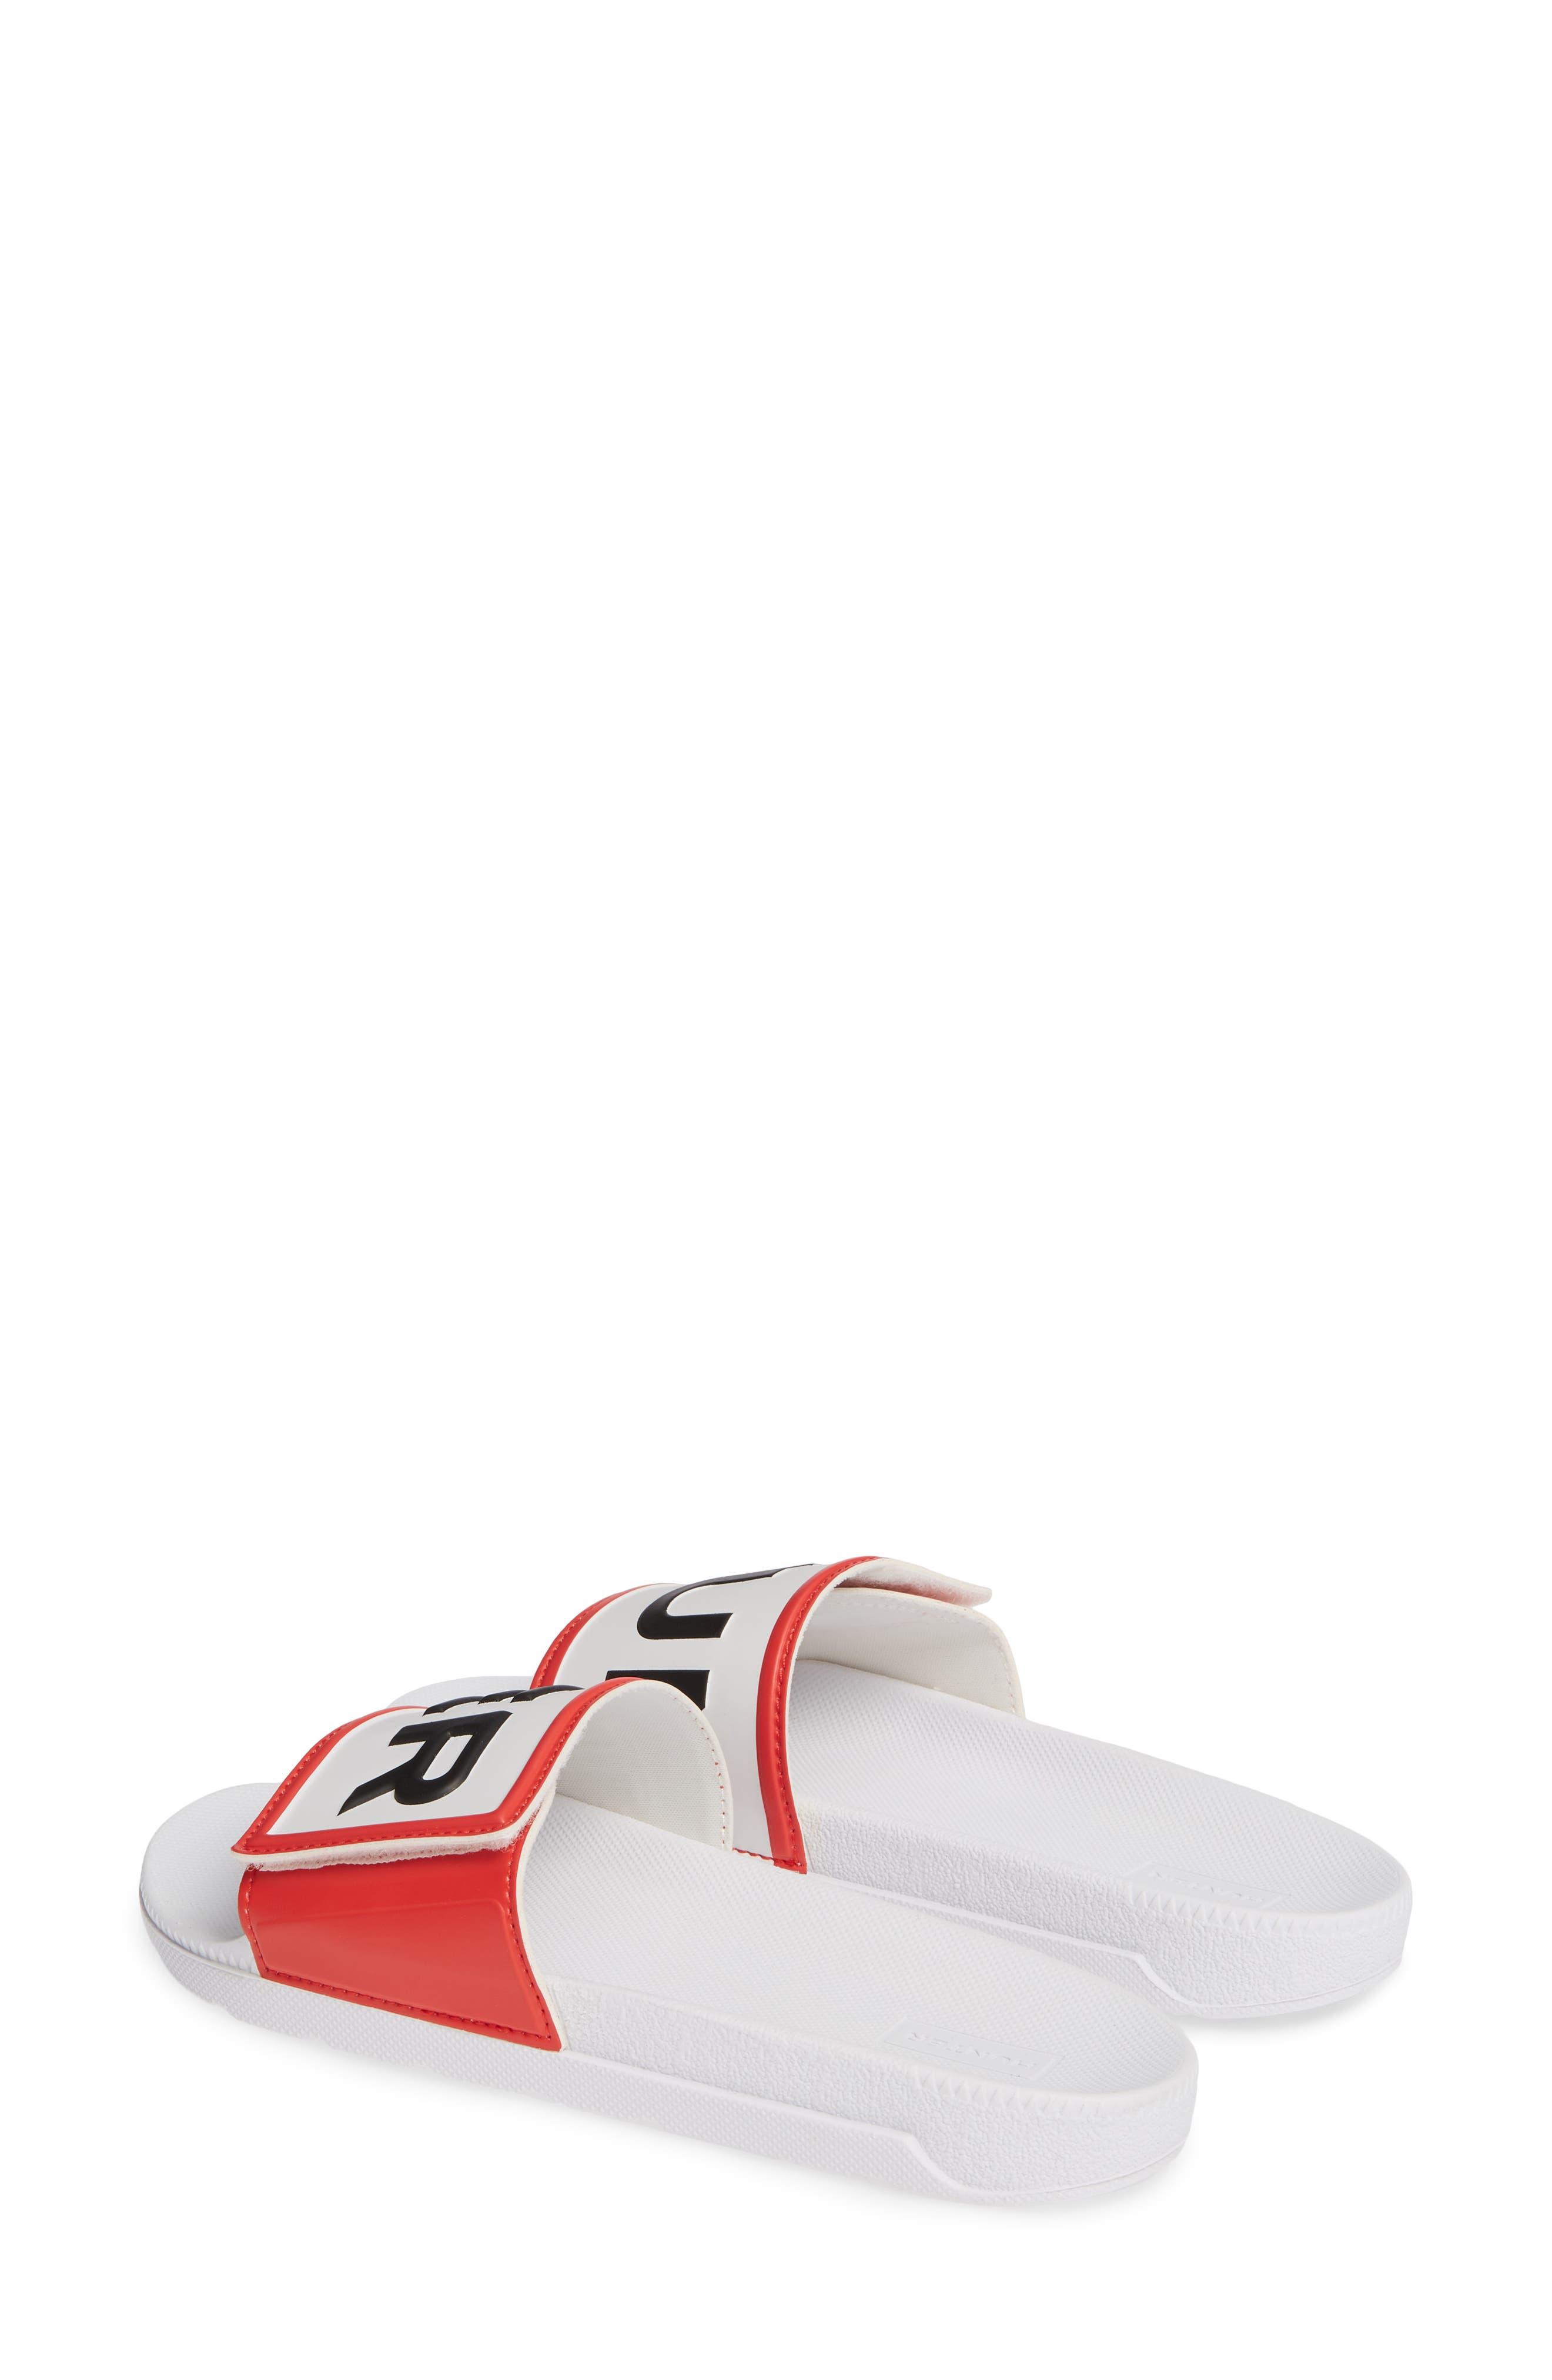 HUNTER, Original Adjustable Logo Slide Sandal, Alternate thumbnail 3, color, WHITE/ WHITE